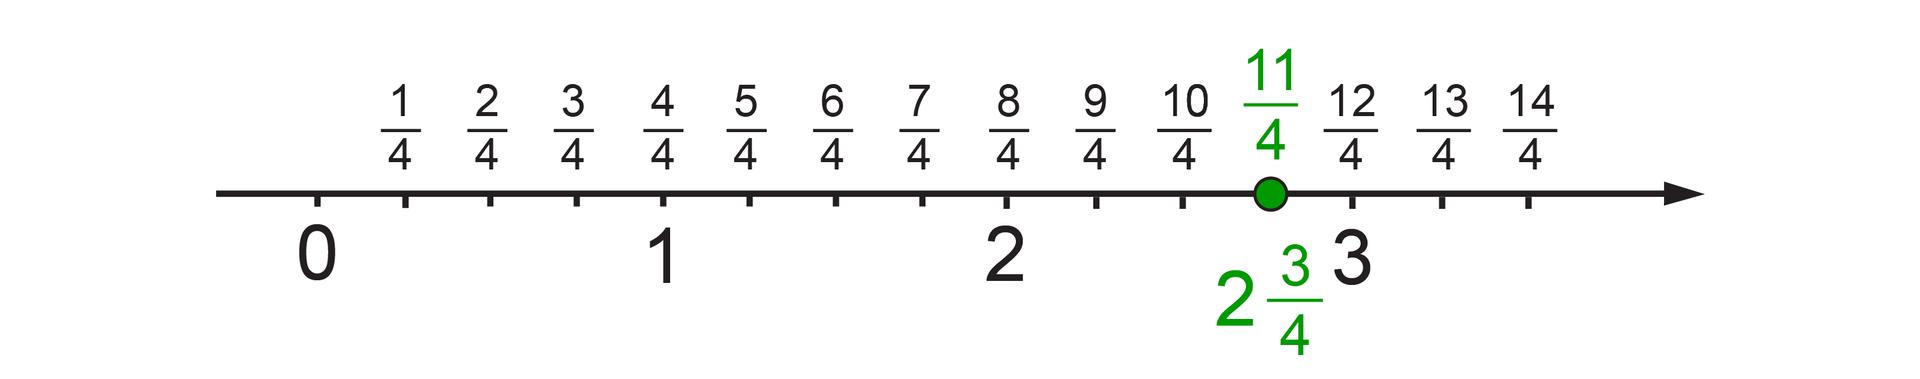 Rysunek osi liczbowej zzaznaczonymi punktami 0, 1, 2 i3. Odcinek jednostkowy podzielony jest na 4 równe części. Kolejne punkty podziału odpowiadają liczbom: jedna czwarta, dwie czwarte, trzy czwarte, …, czternaście czwartych. Punkt 1 odpowiada punktowi cztery czwarte. Punkt dwie całe itrzy czwarte odpowiada punktowi jedenaście czwartych.